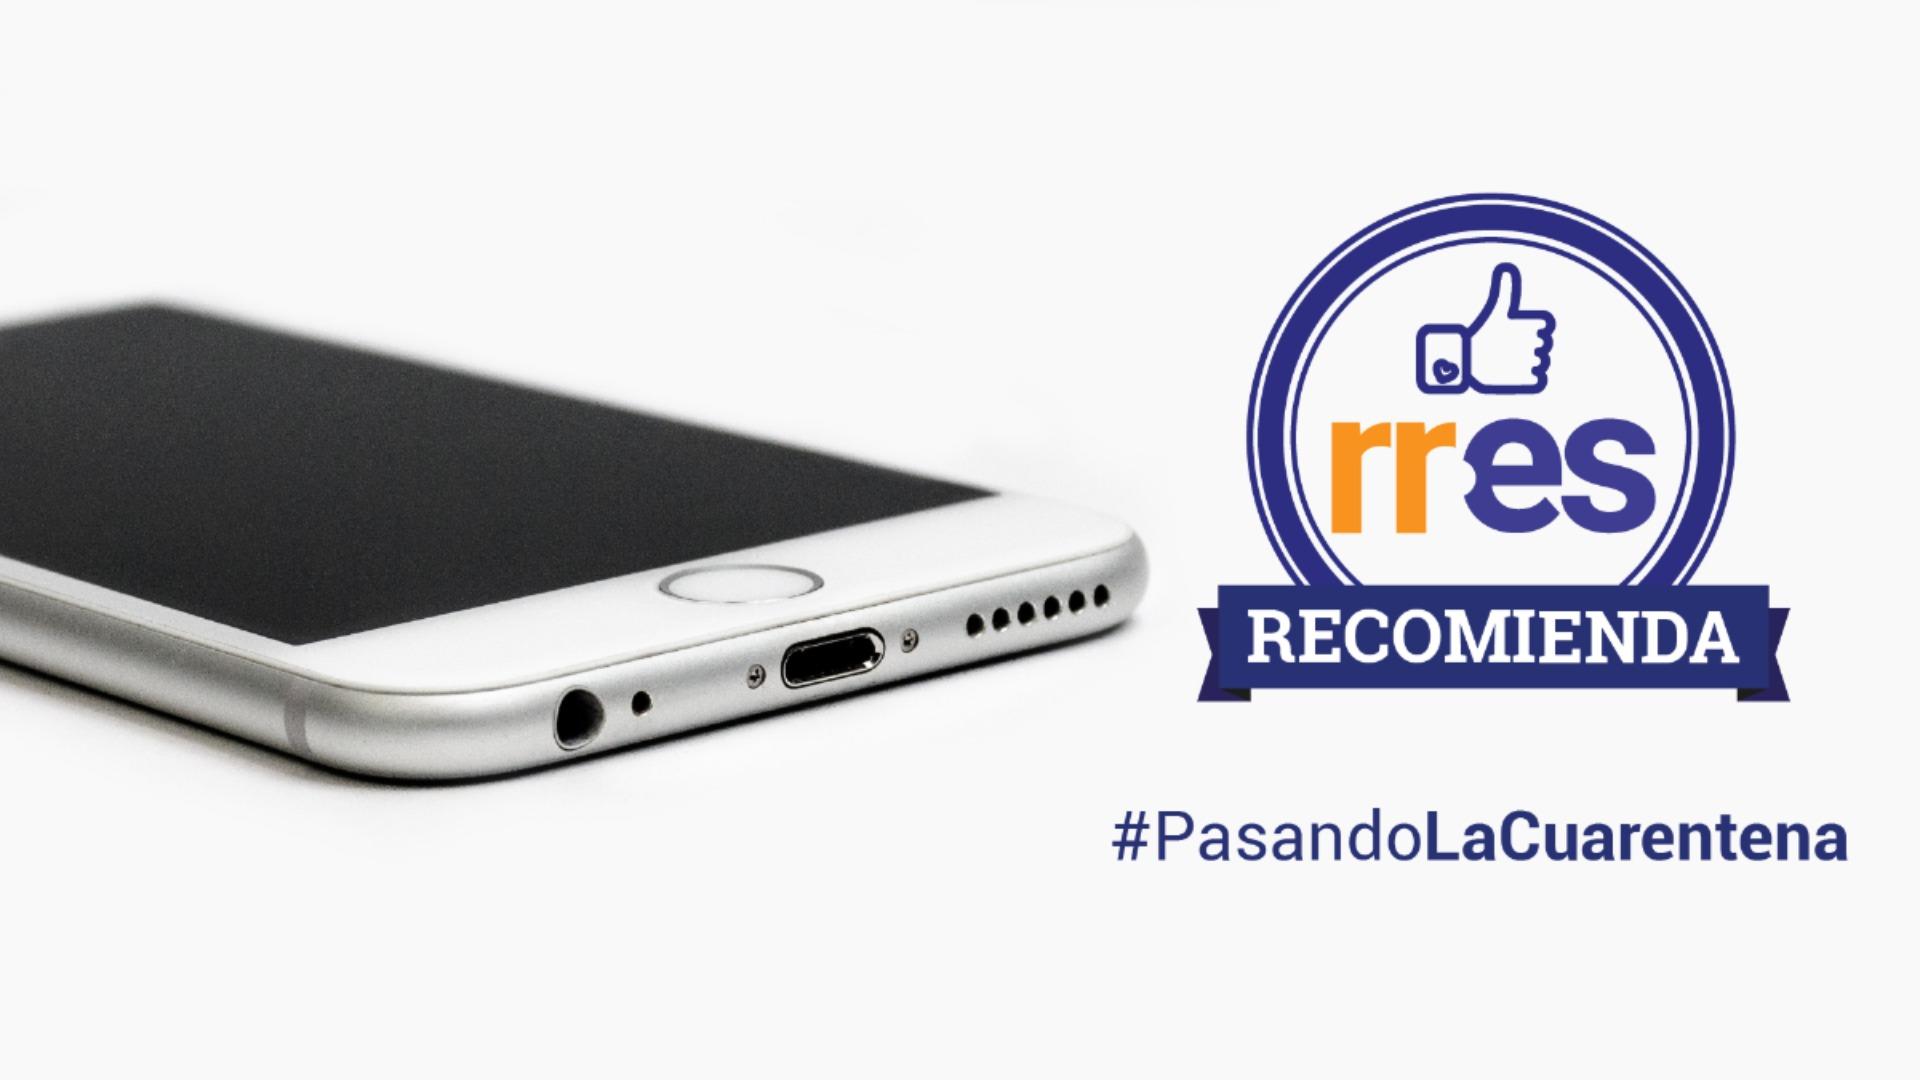 #PasandoLaCuarentena | Apps para enfrentar el encierro con el celular #30Mar